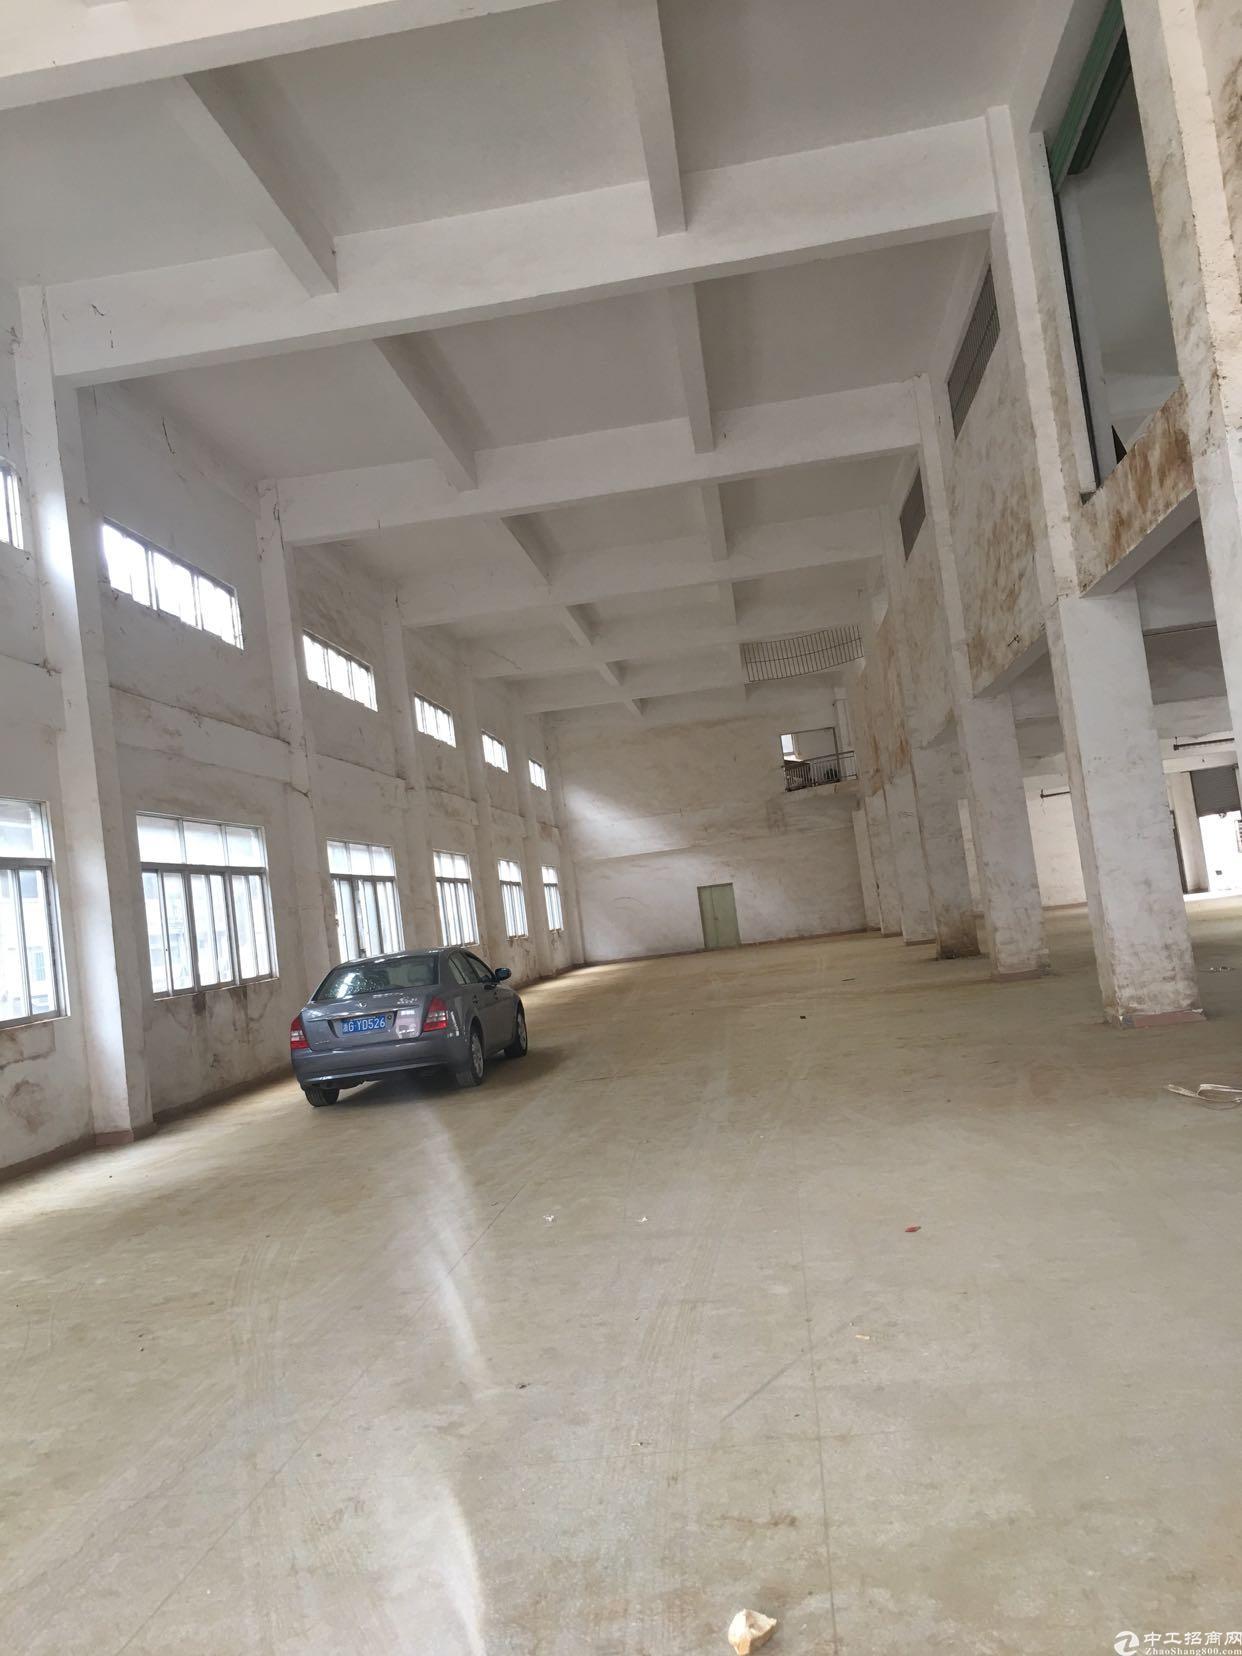 凤岗雁田大路边标准厂房九米高和六米高,空的超大,距离深圳超近